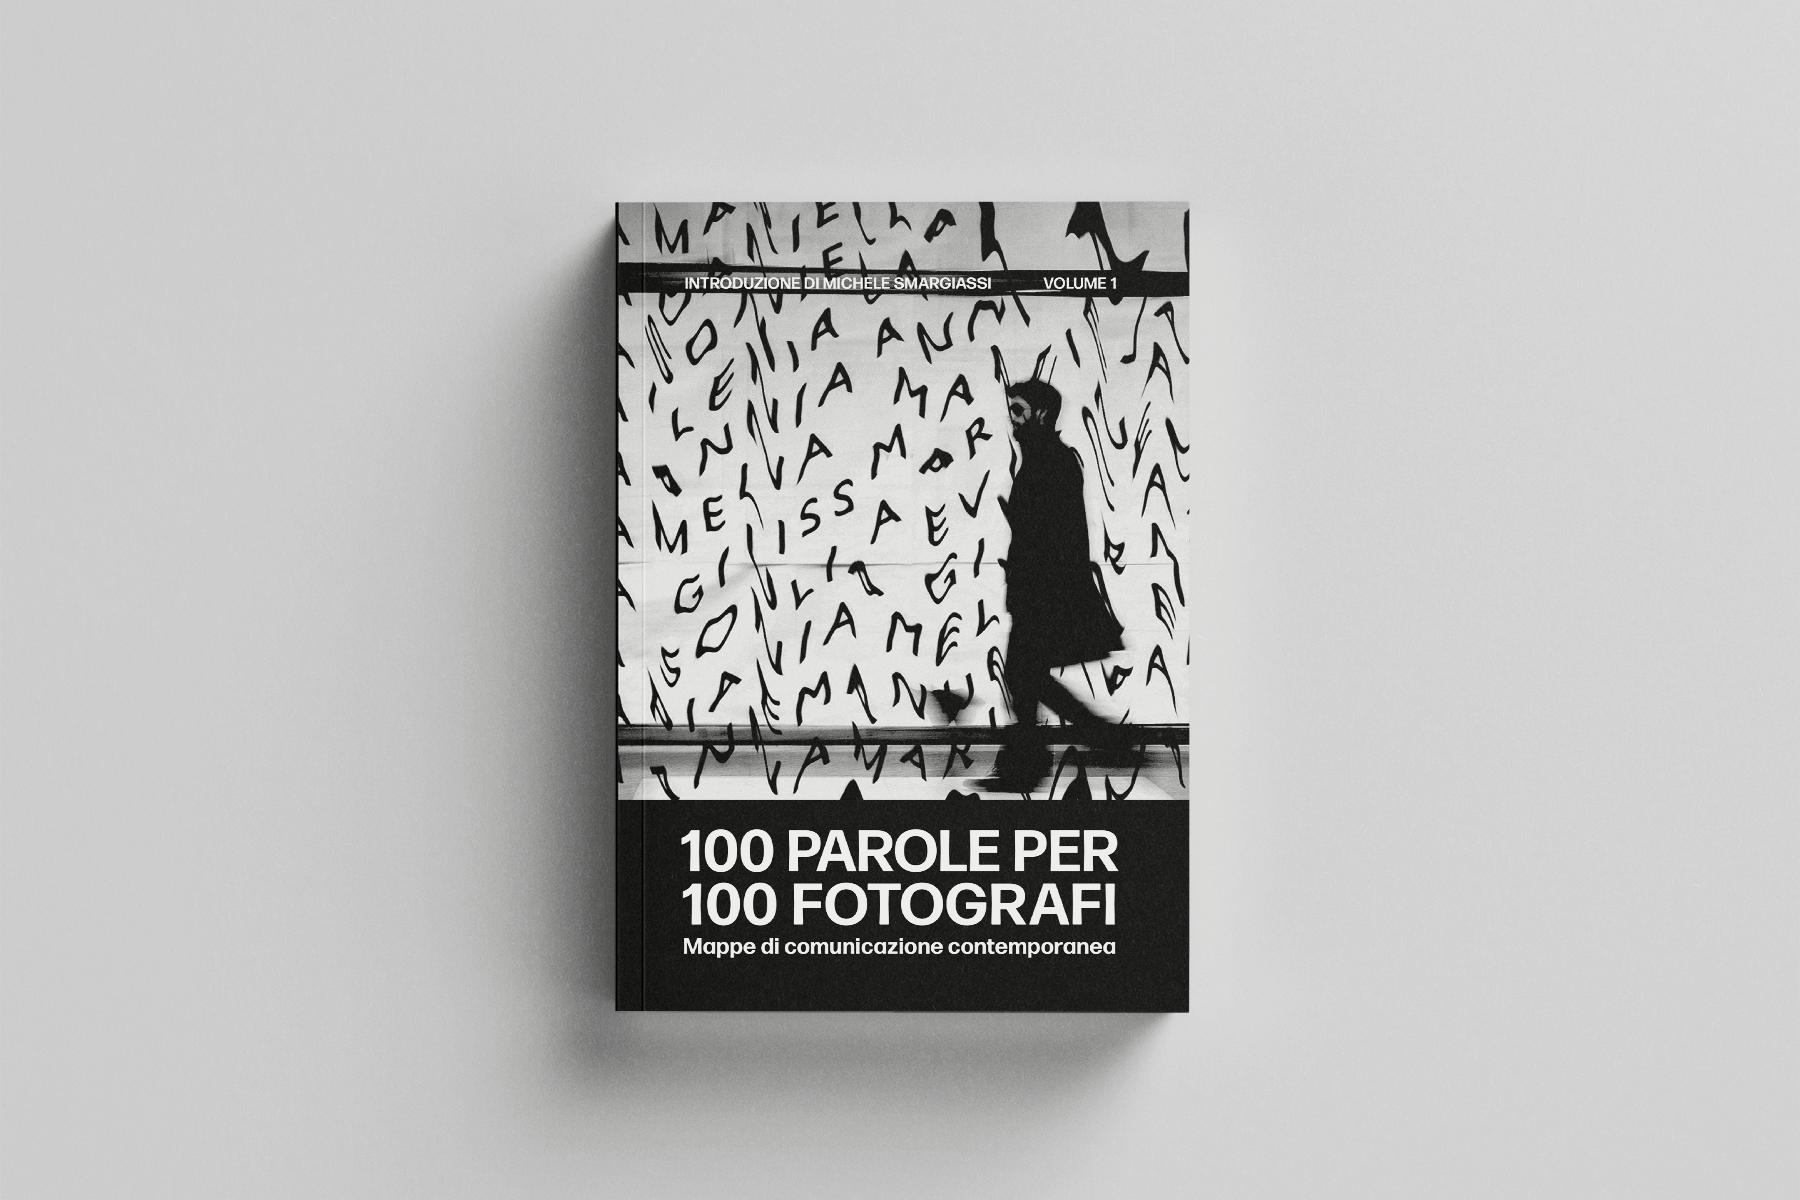 100 parole per 100 fotografi: copertina del volume 1